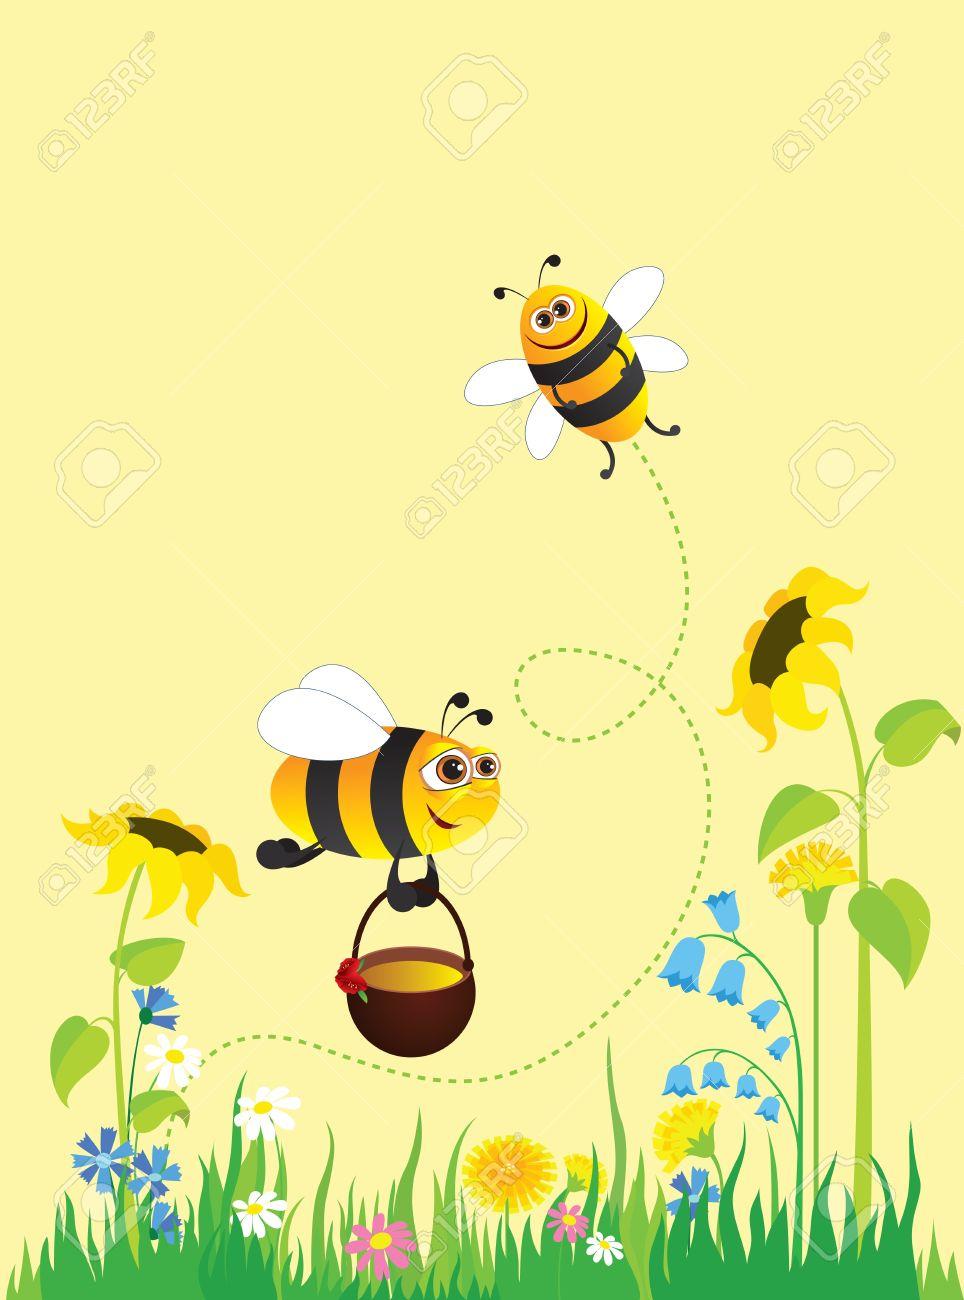 浓郁的花香,引来了很多蜂蝶,还有勤劳的小蜜蜂,提着小花篮,上下飞舞忙图片